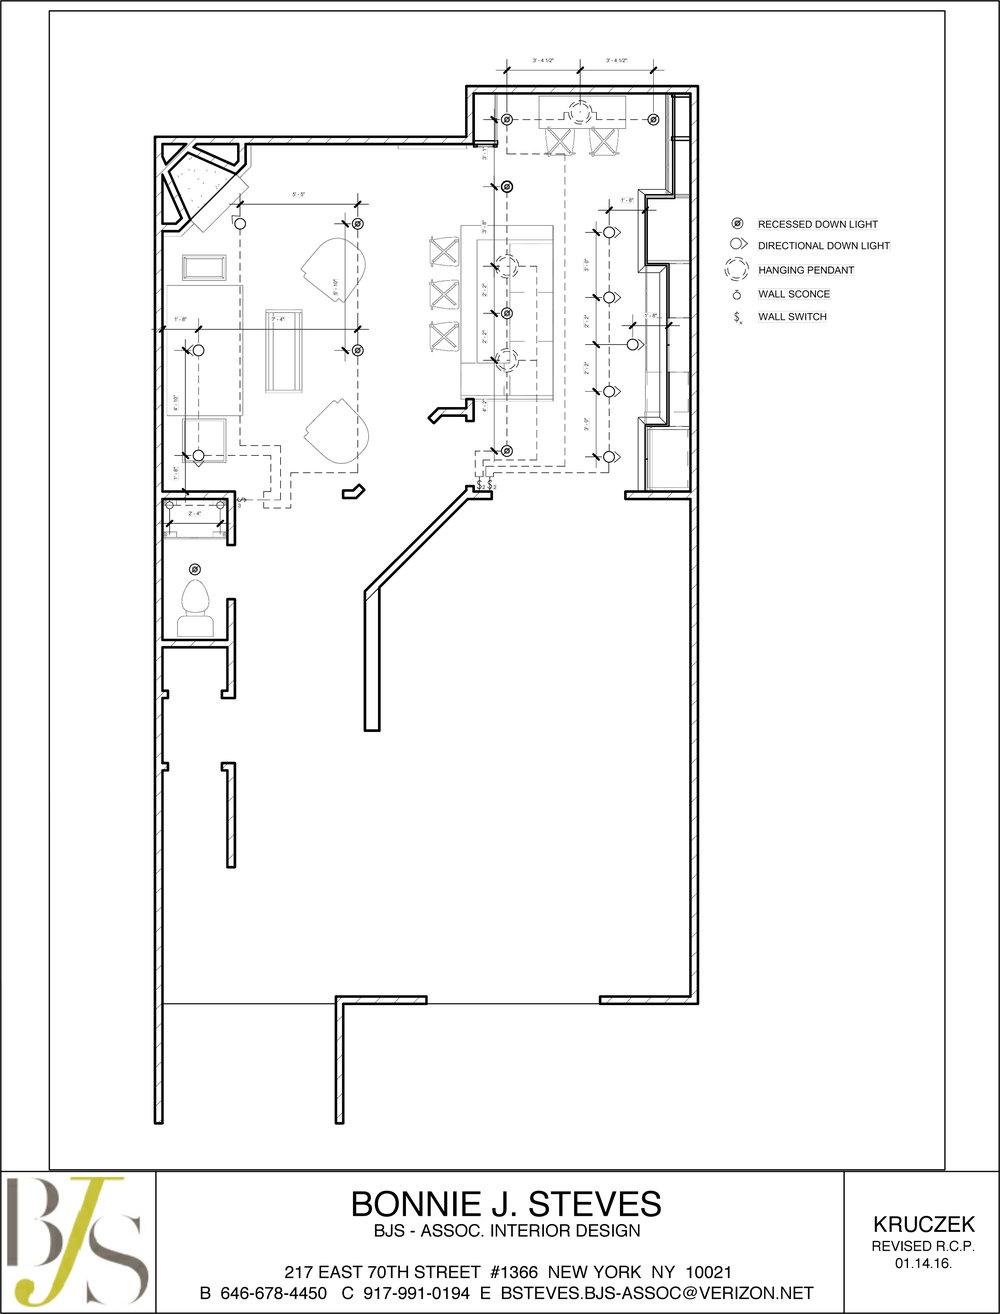 KRUCZEK-REVISED R.C.P.-01.14.16.jpg